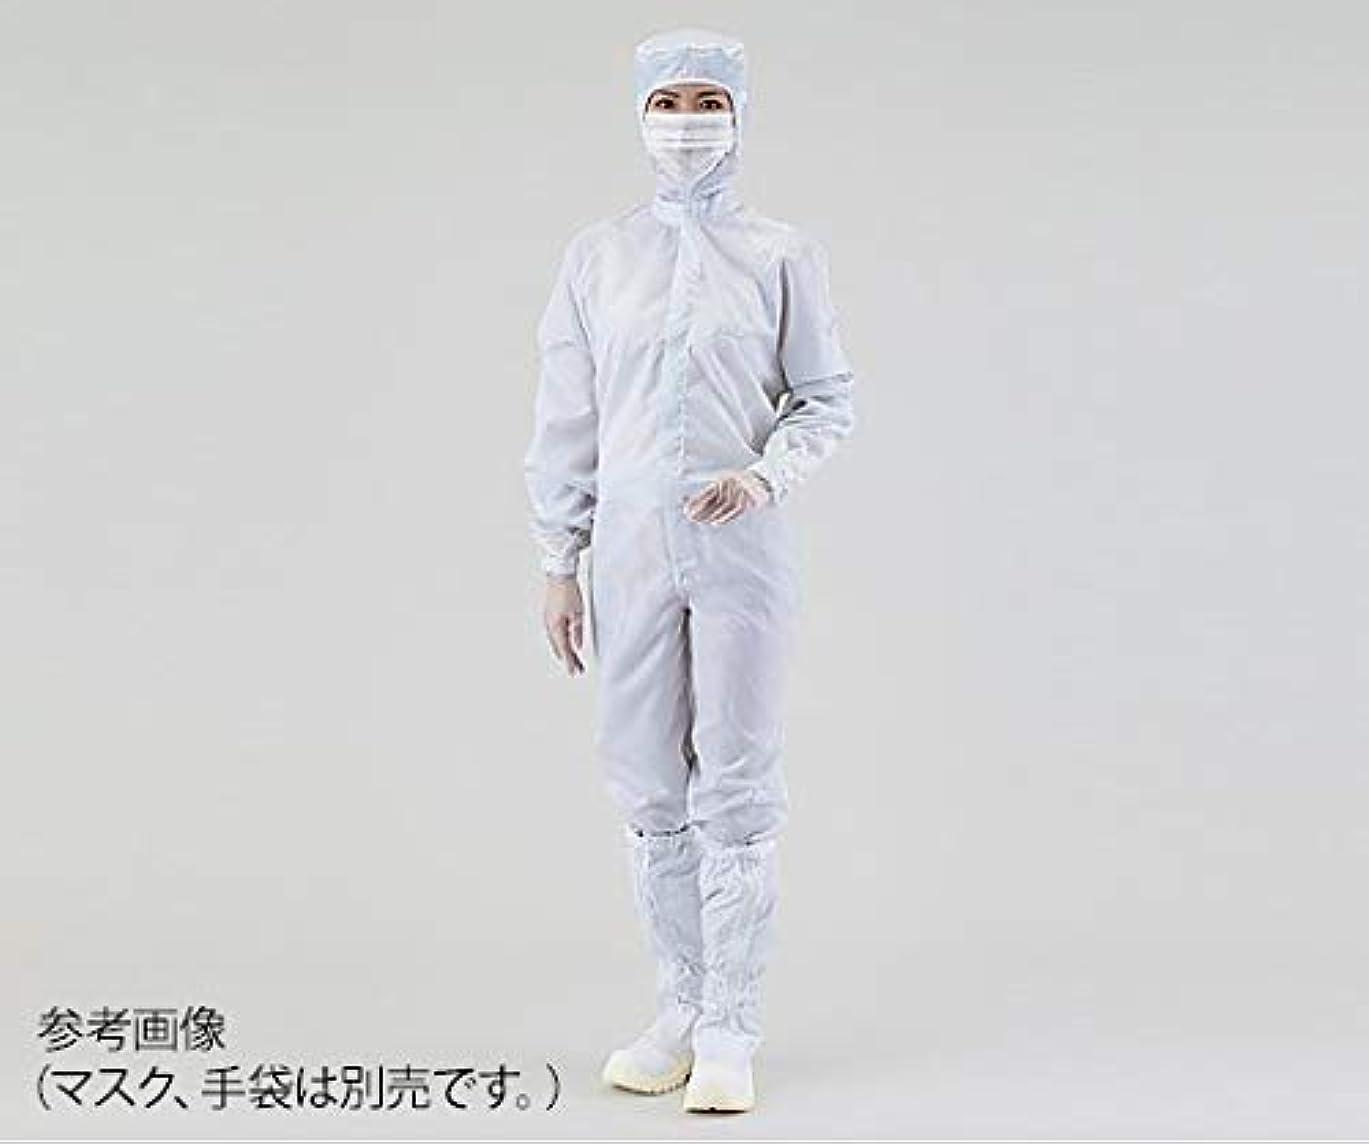 ミケランジェロ吸収剤砂のアズワン クリーンスーツ(オールインワン) 3L 白 シューズ27.5cm /4-400-12